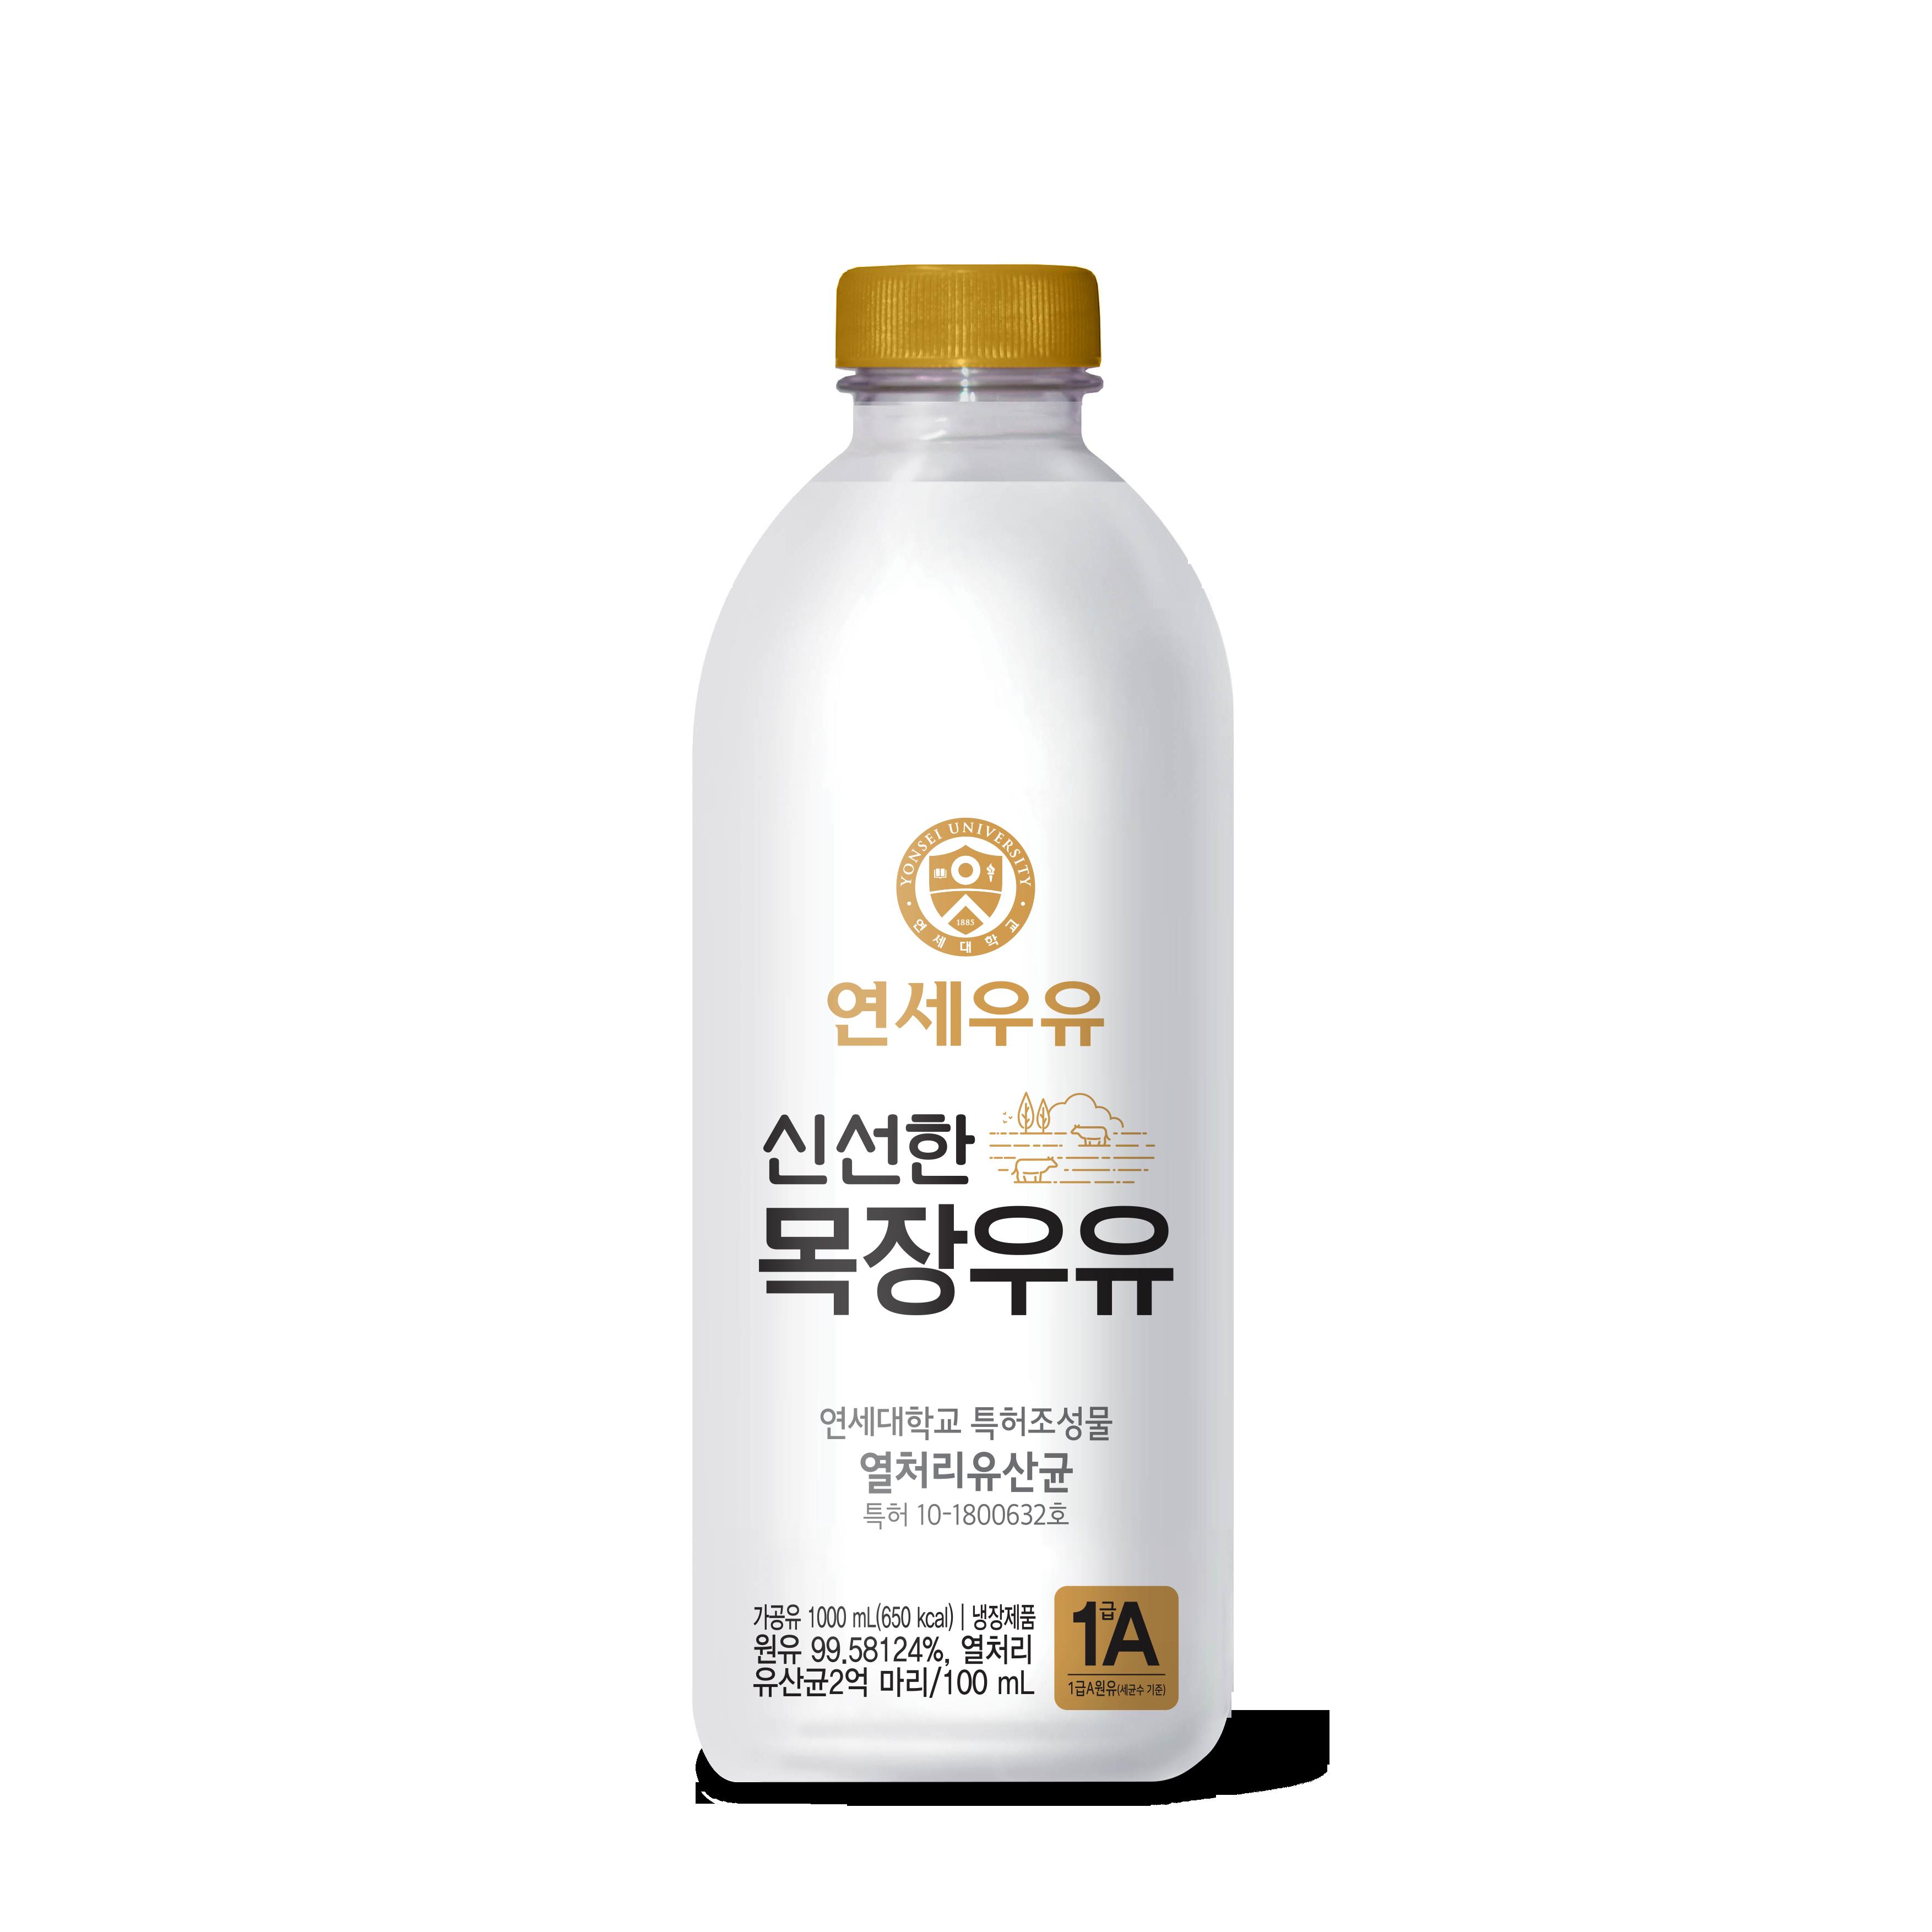 연세대학교 목장우유